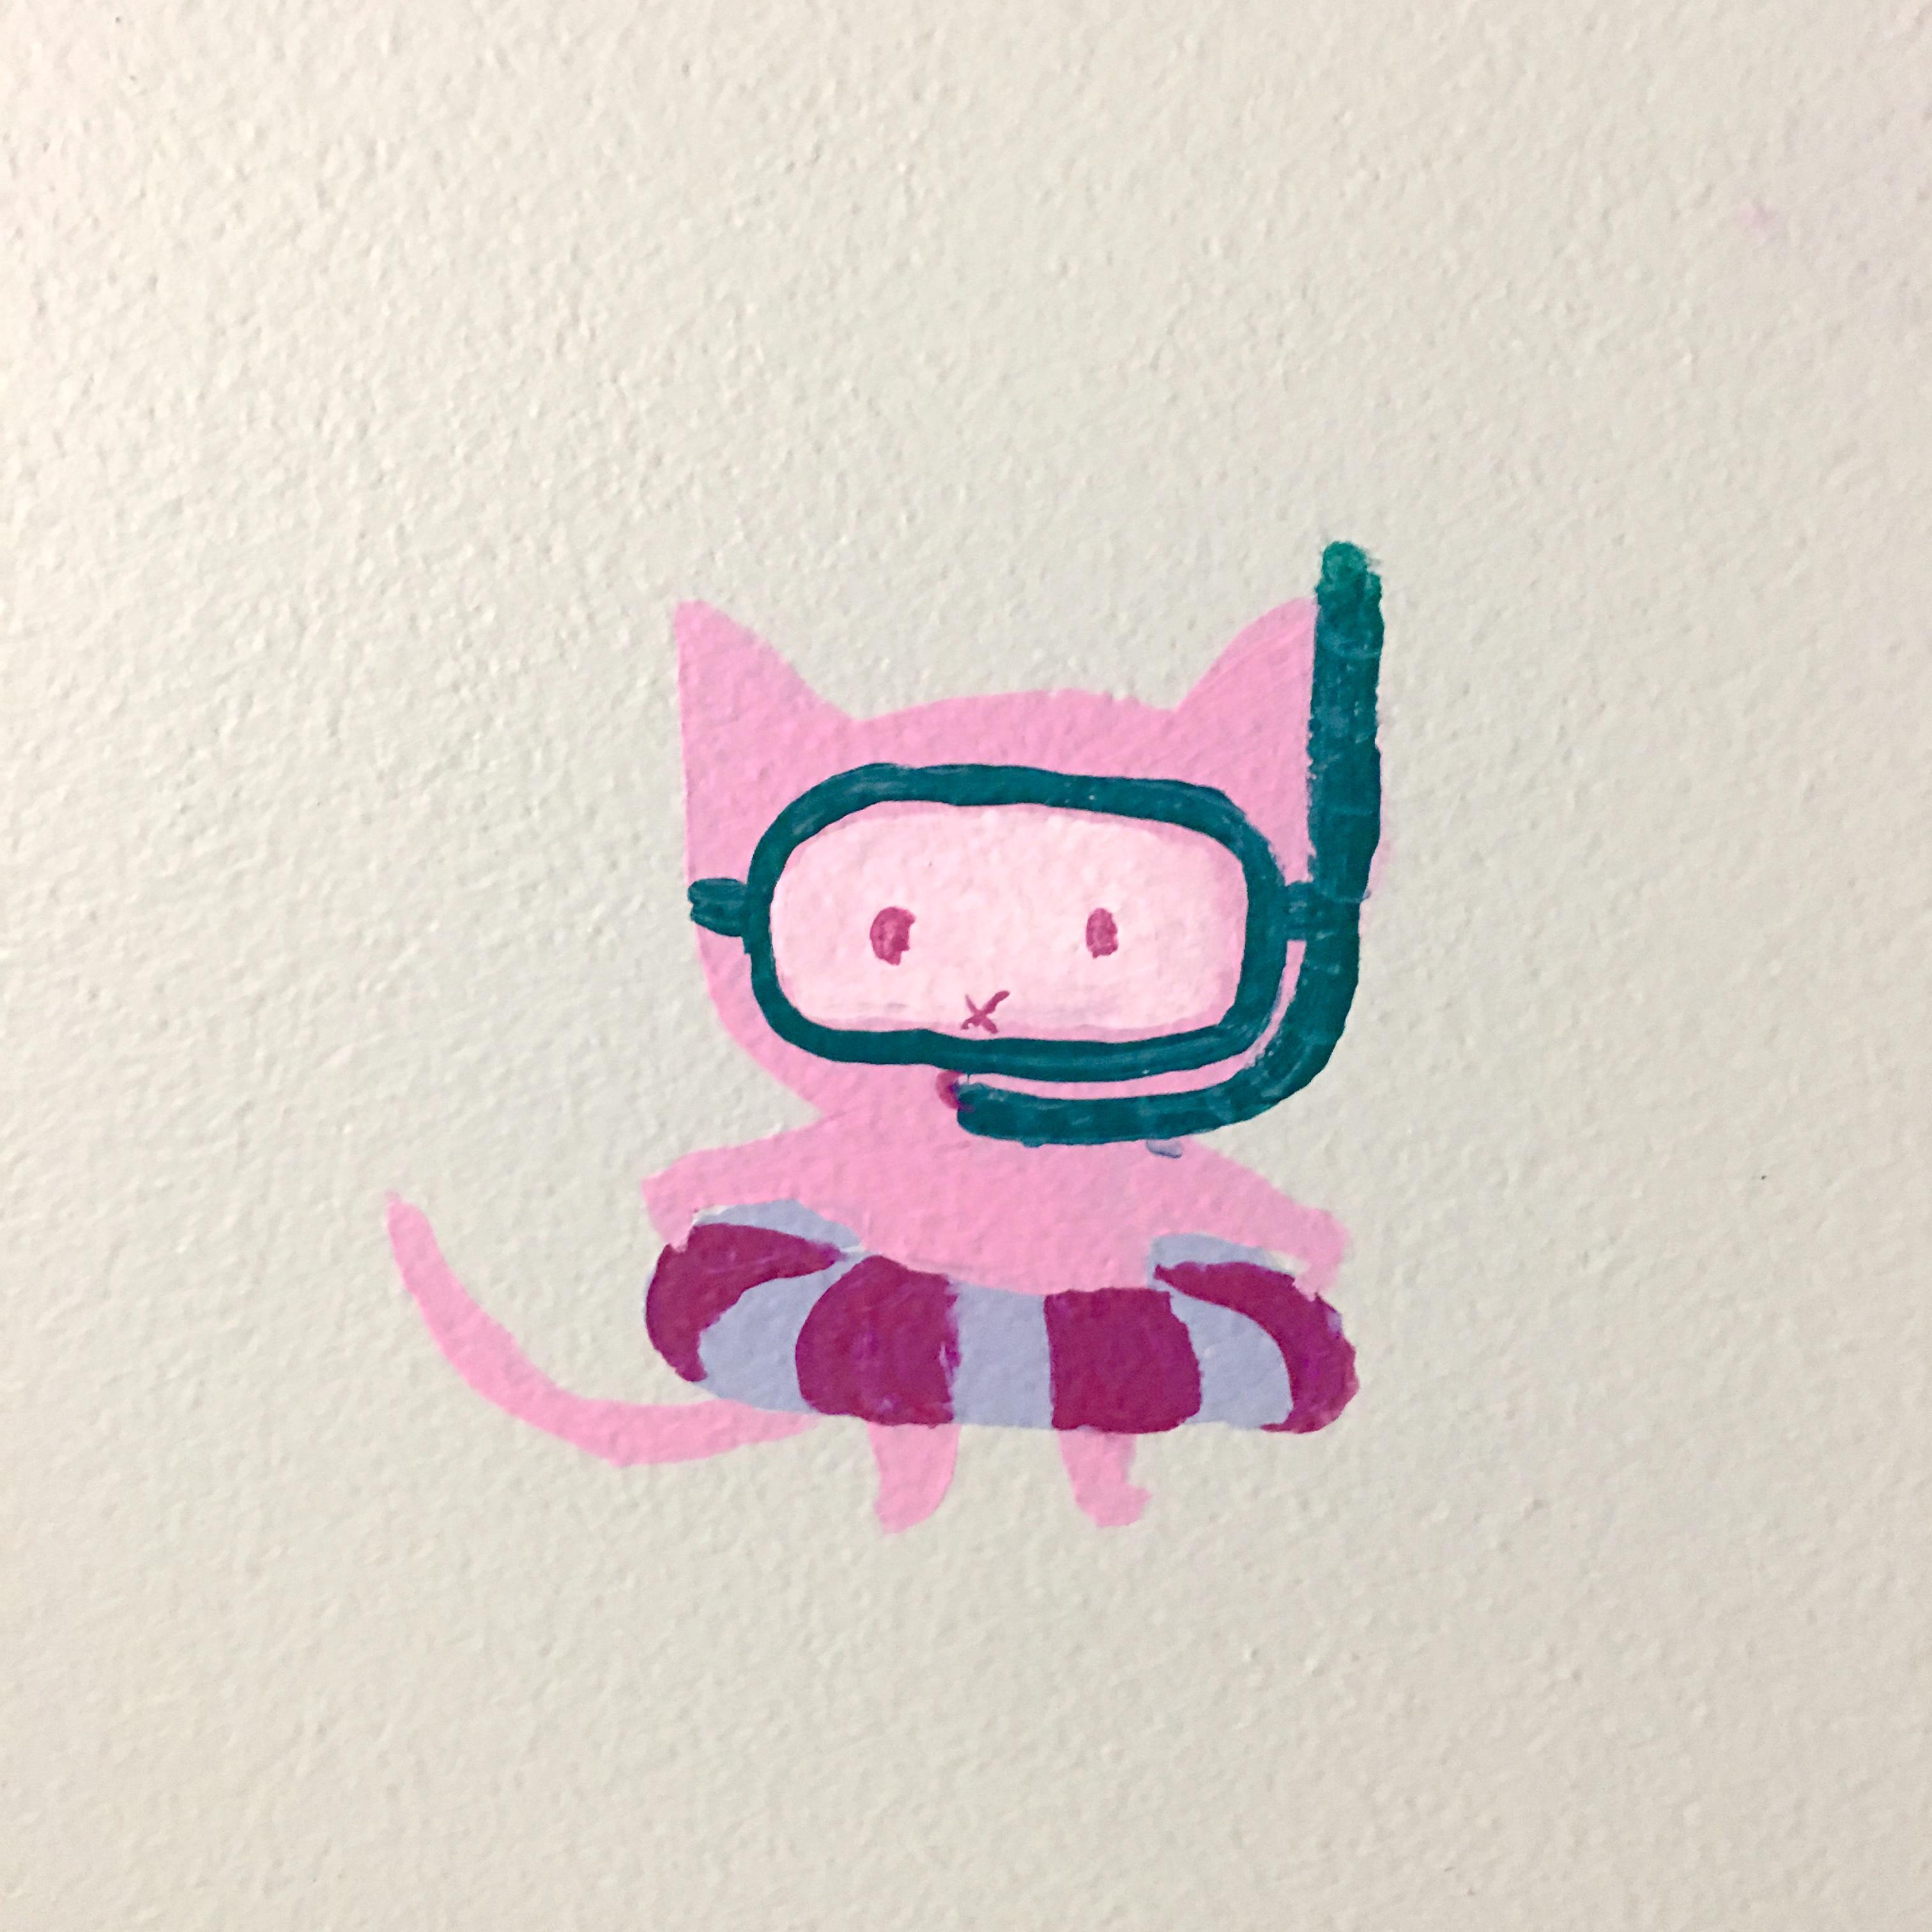 mural detail: feral snorkel cat